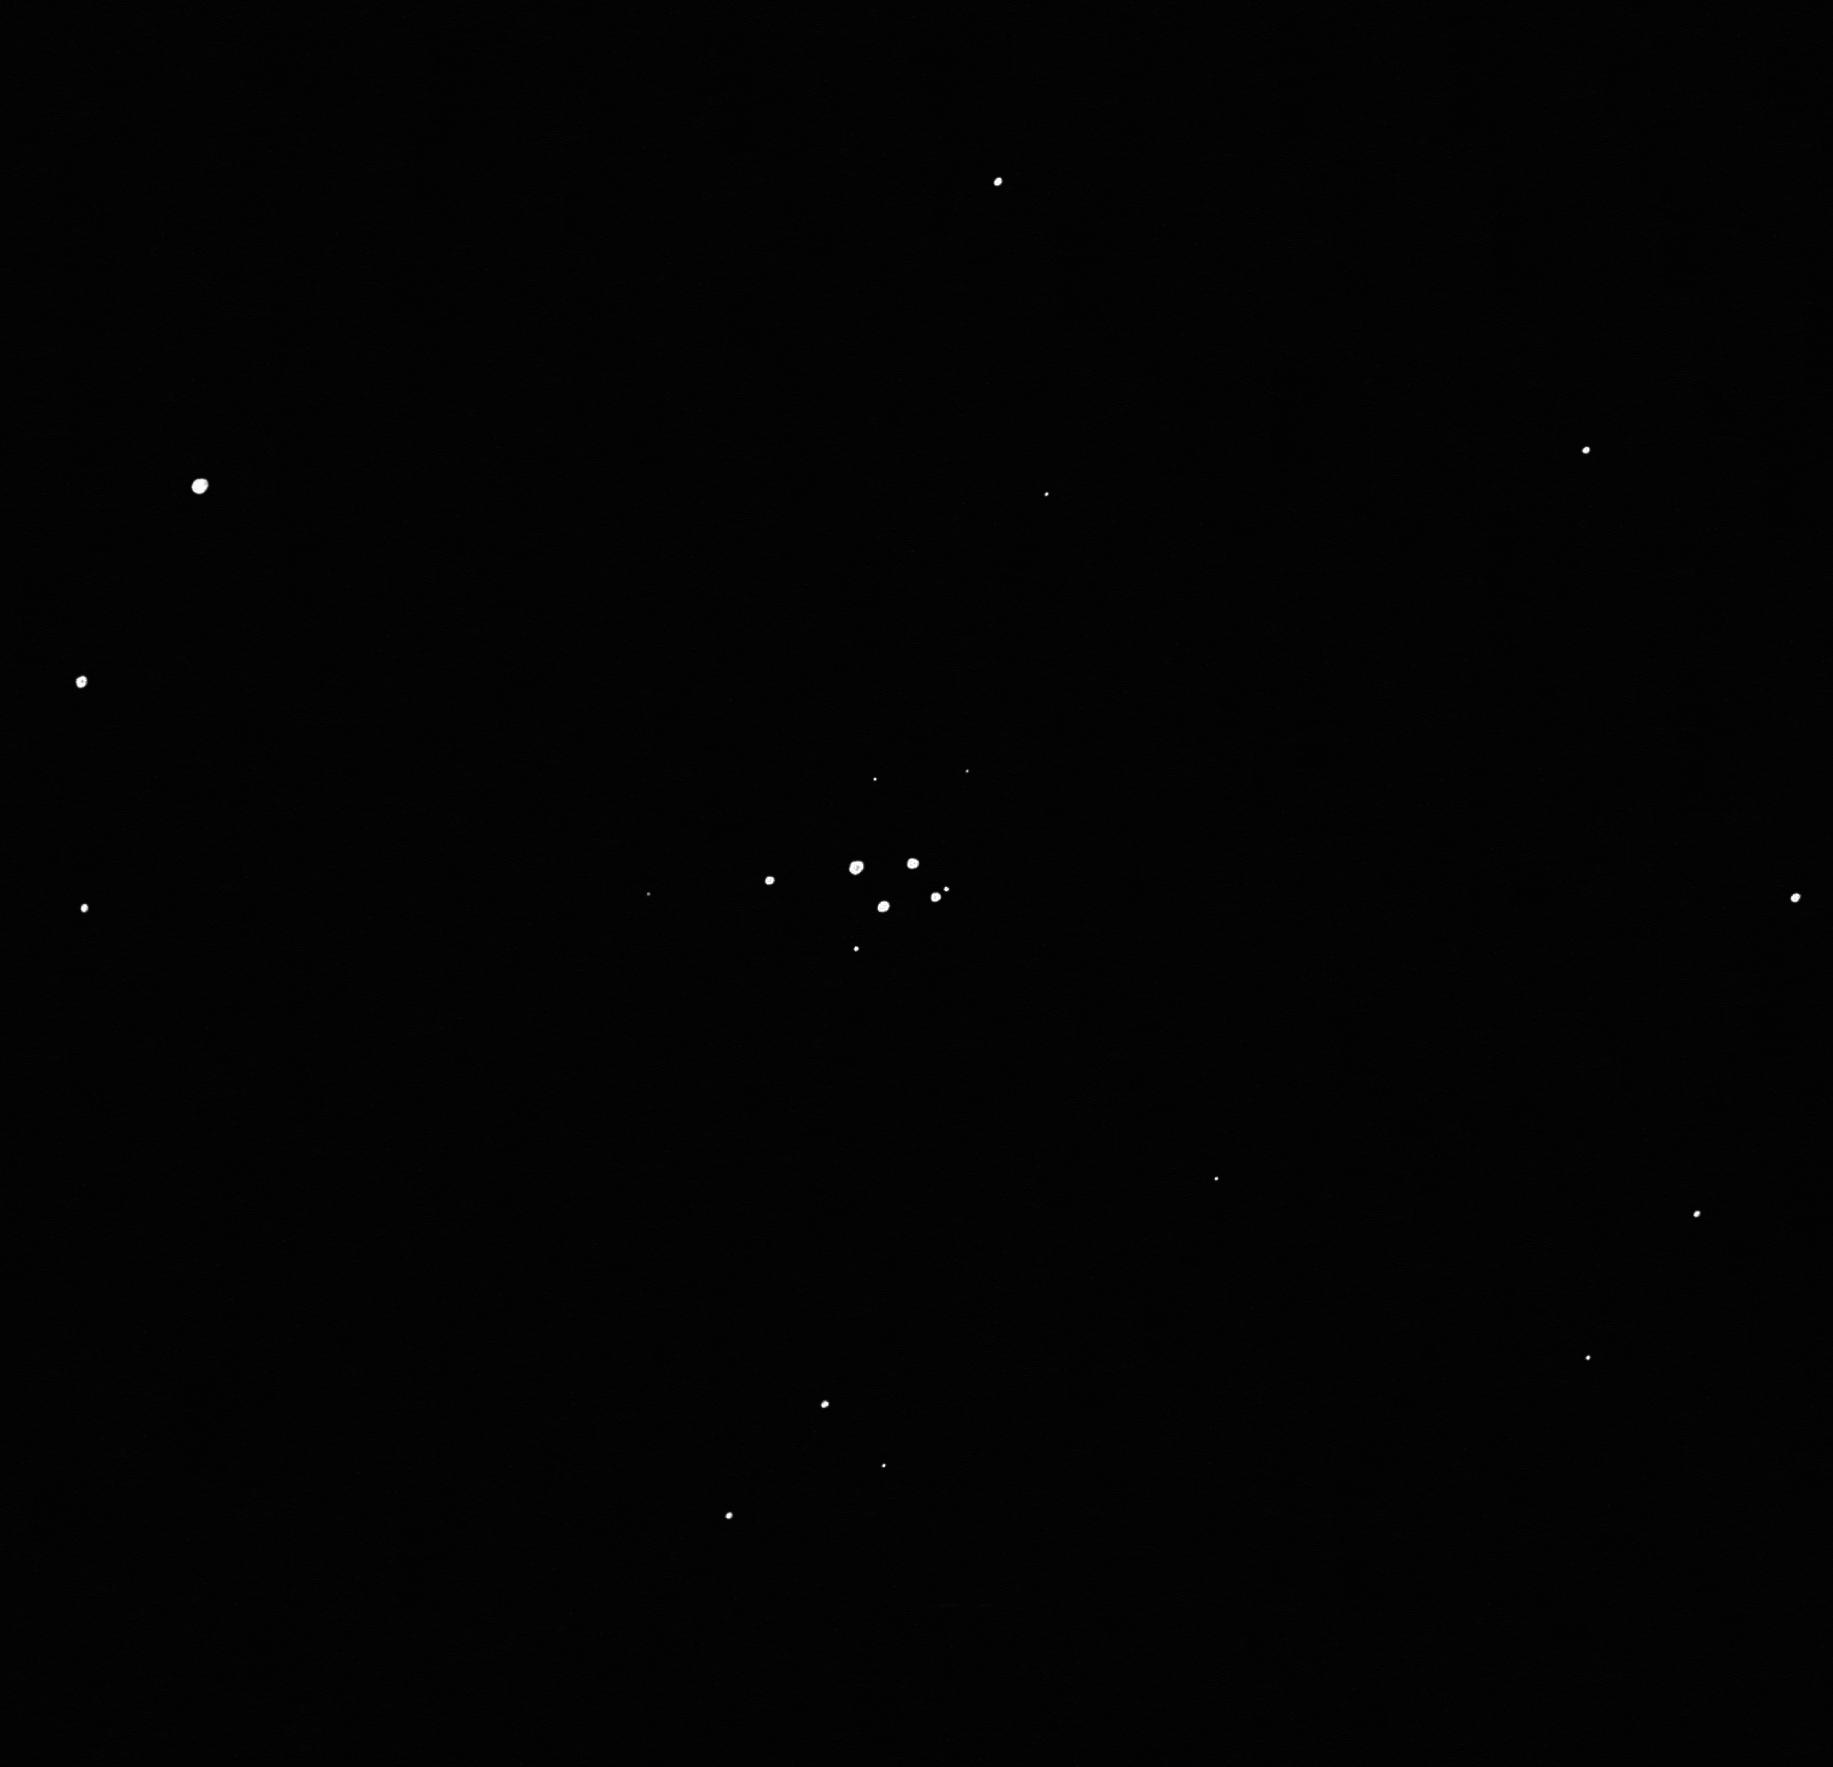 Ferrero 1 open cluster